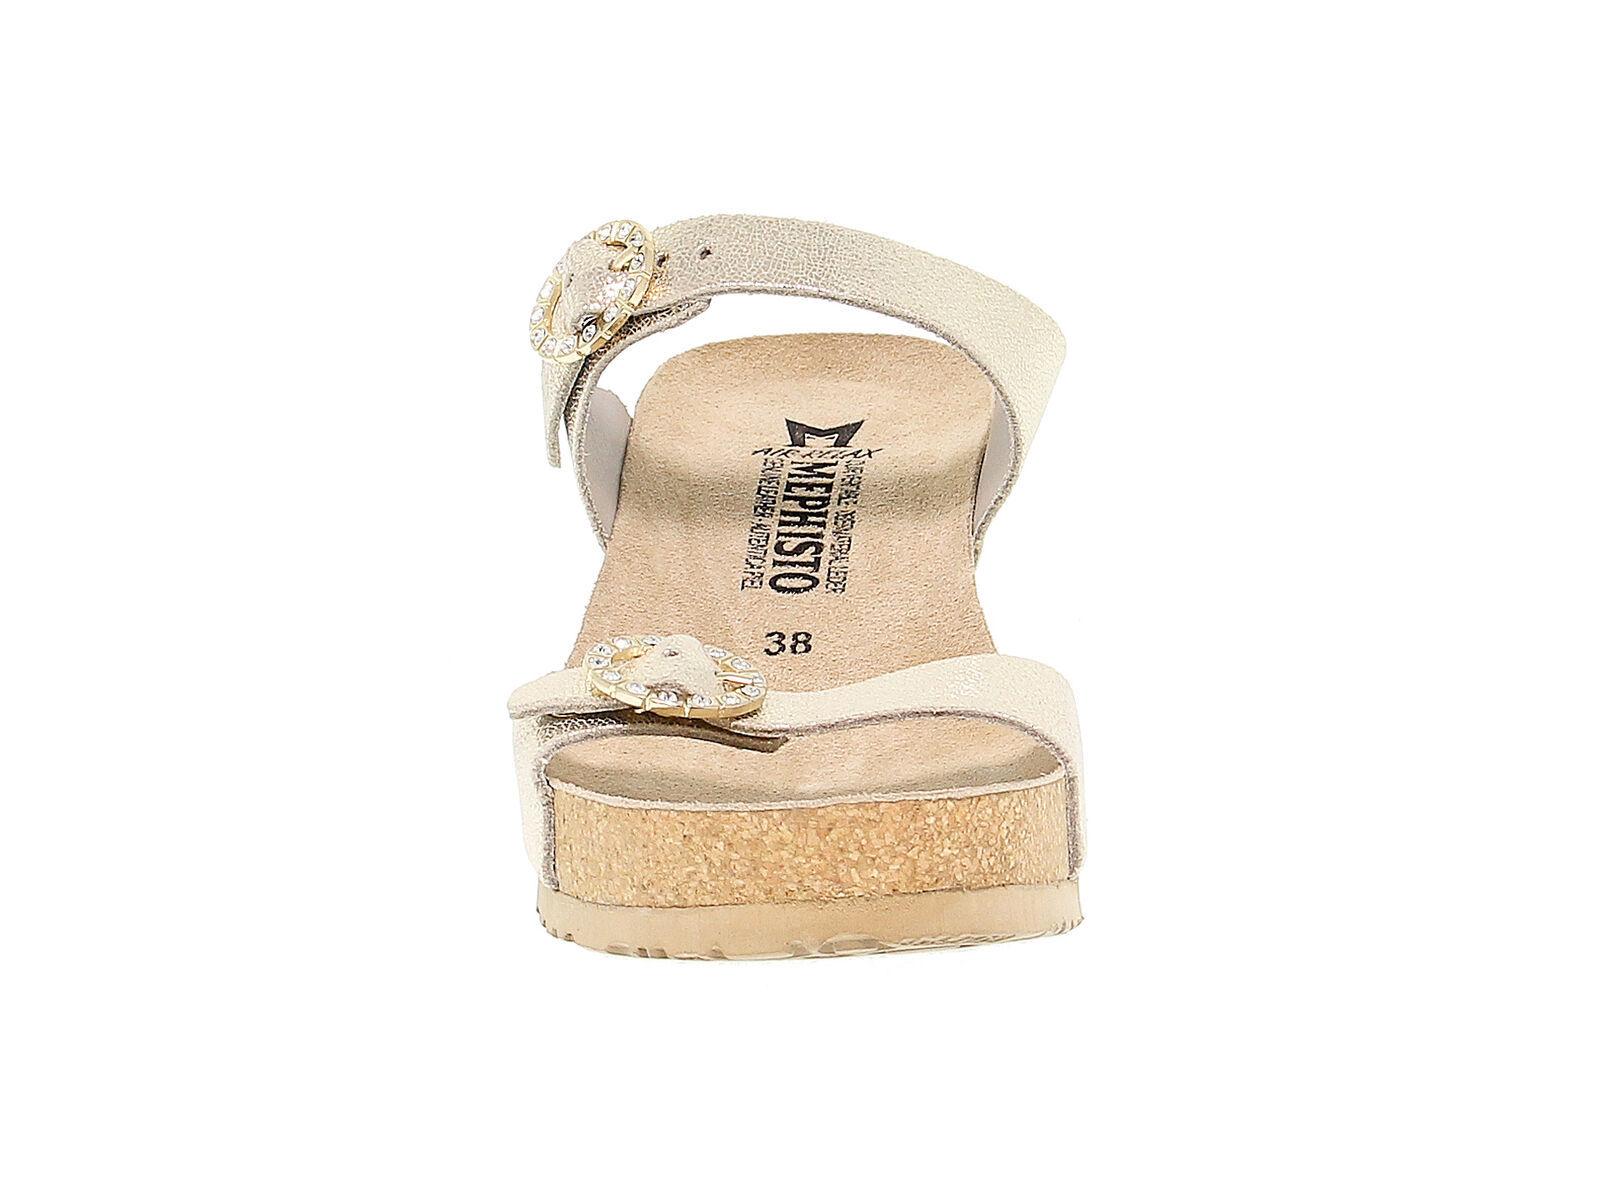 Sandalo con tacco MEPHISTO LIDIA VENISE in pelle laminata platino - Scarpe Donna